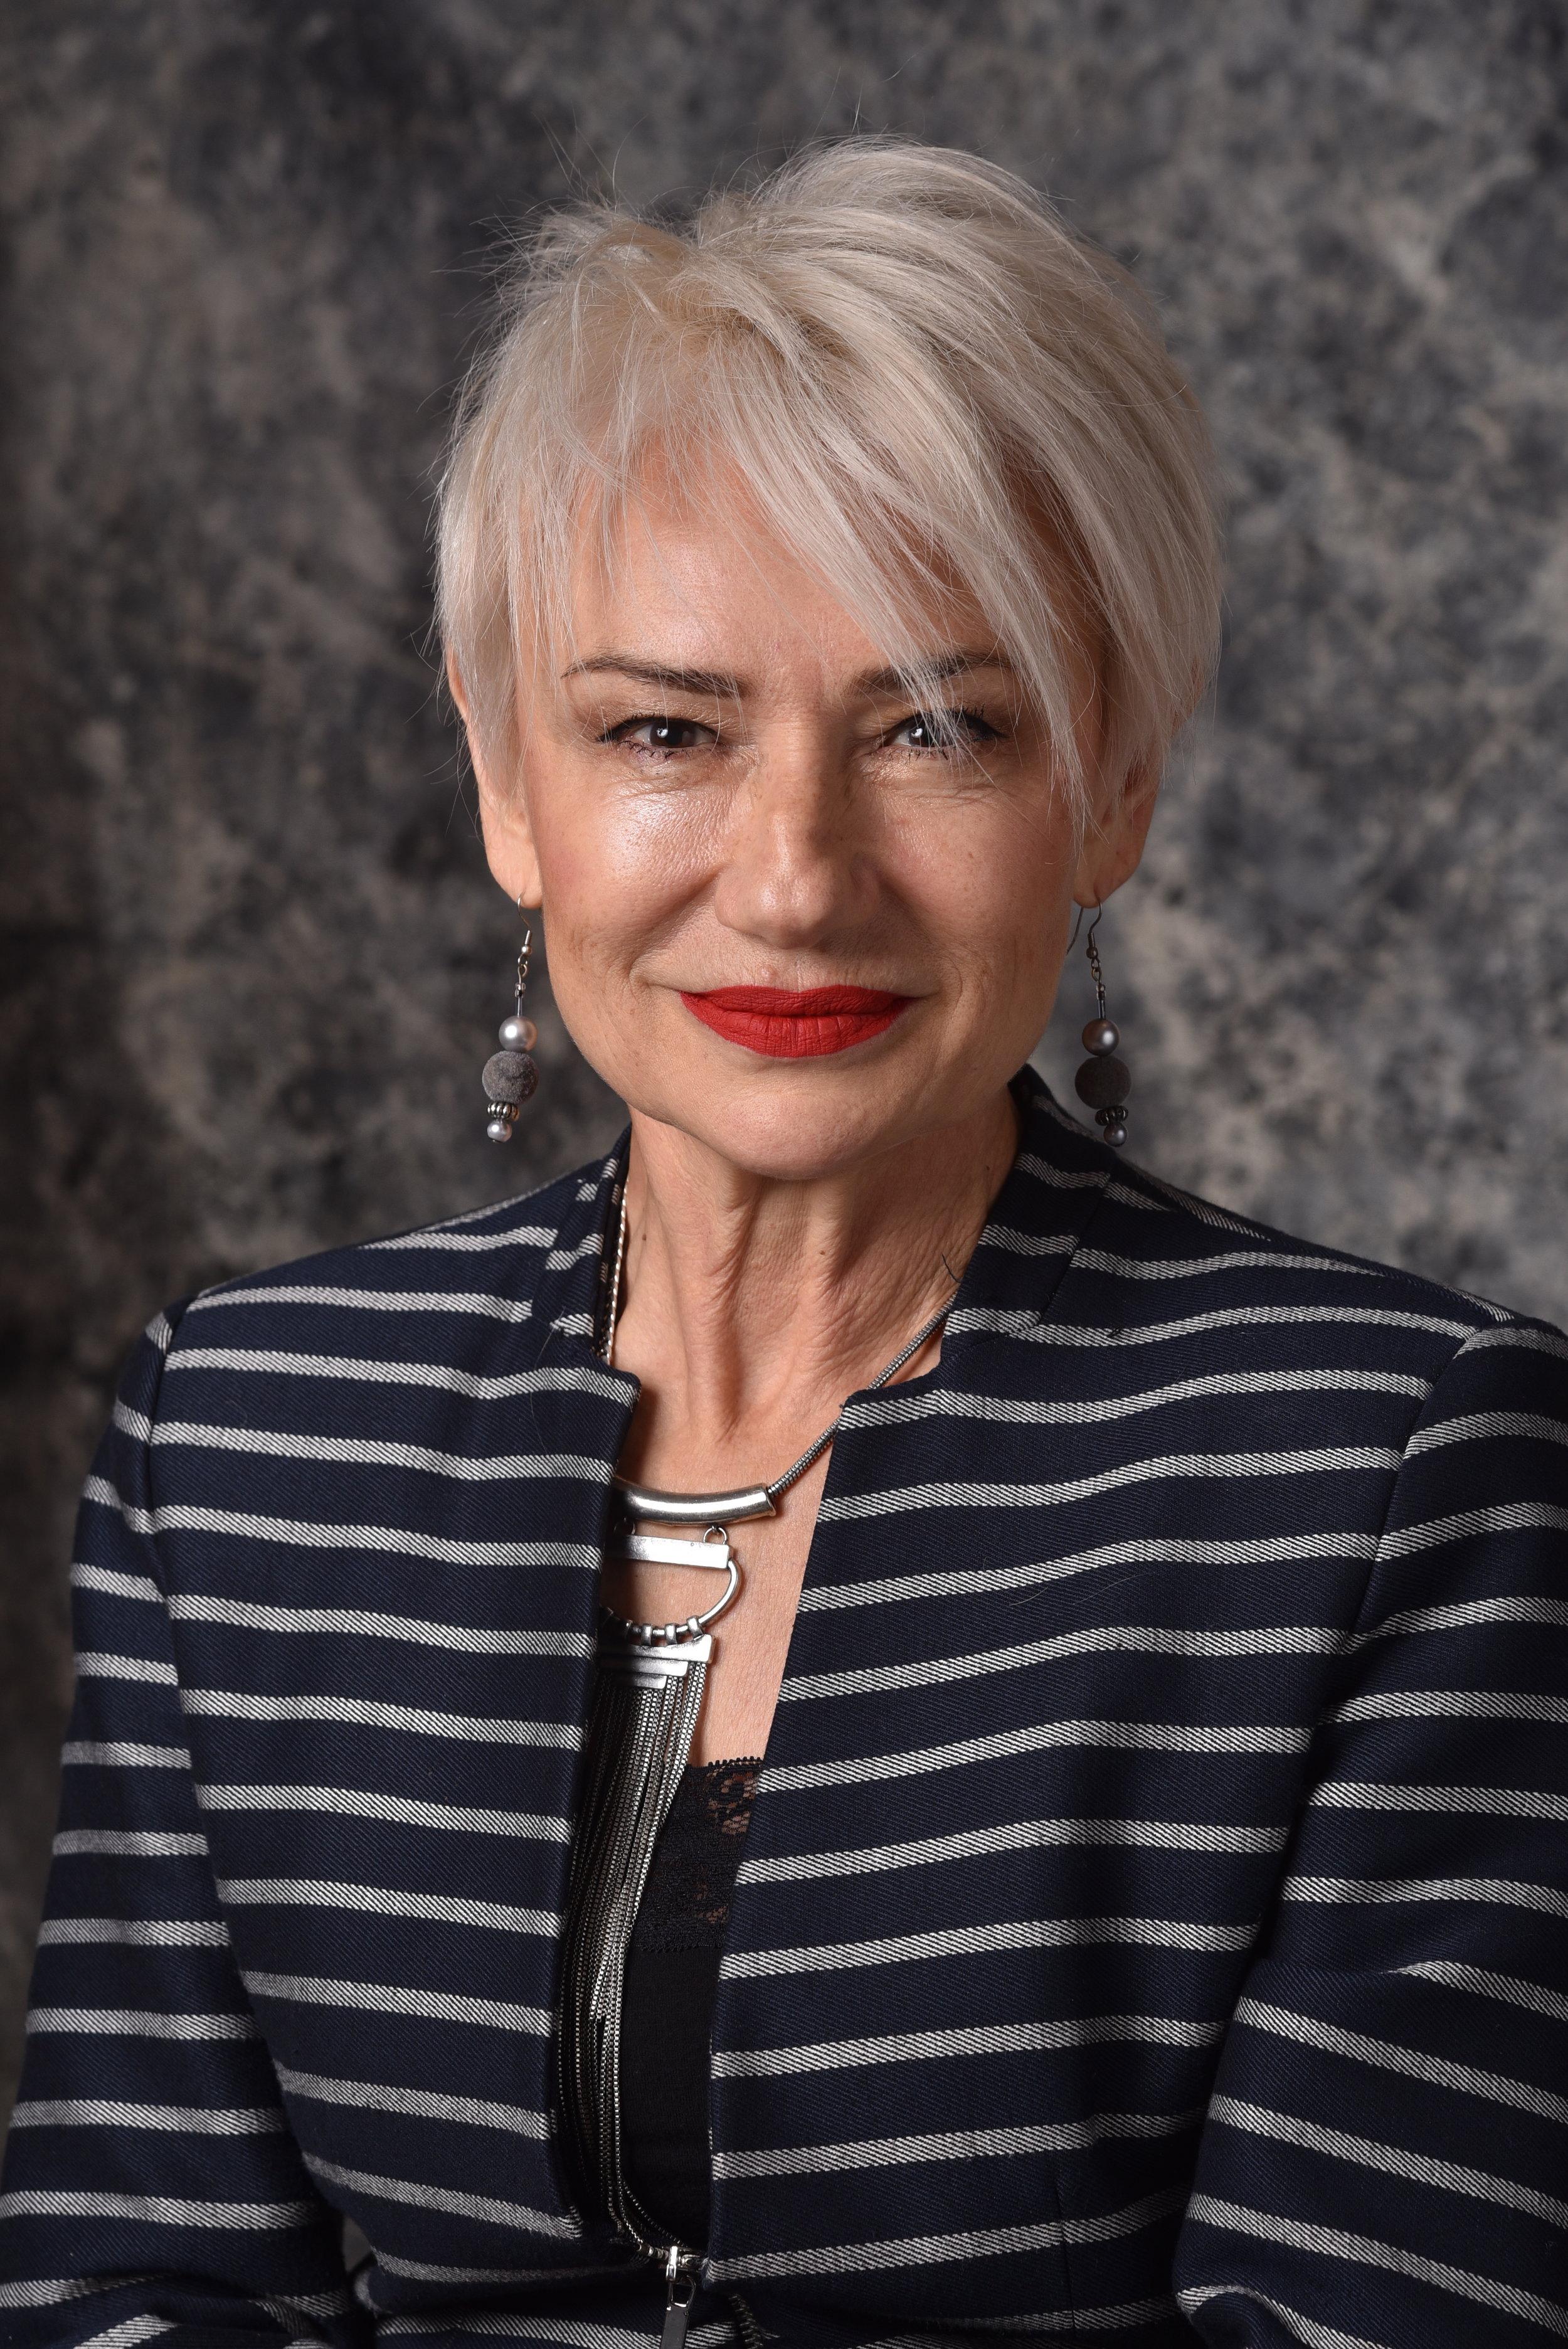 DR. NATALIA TRAYANOVA